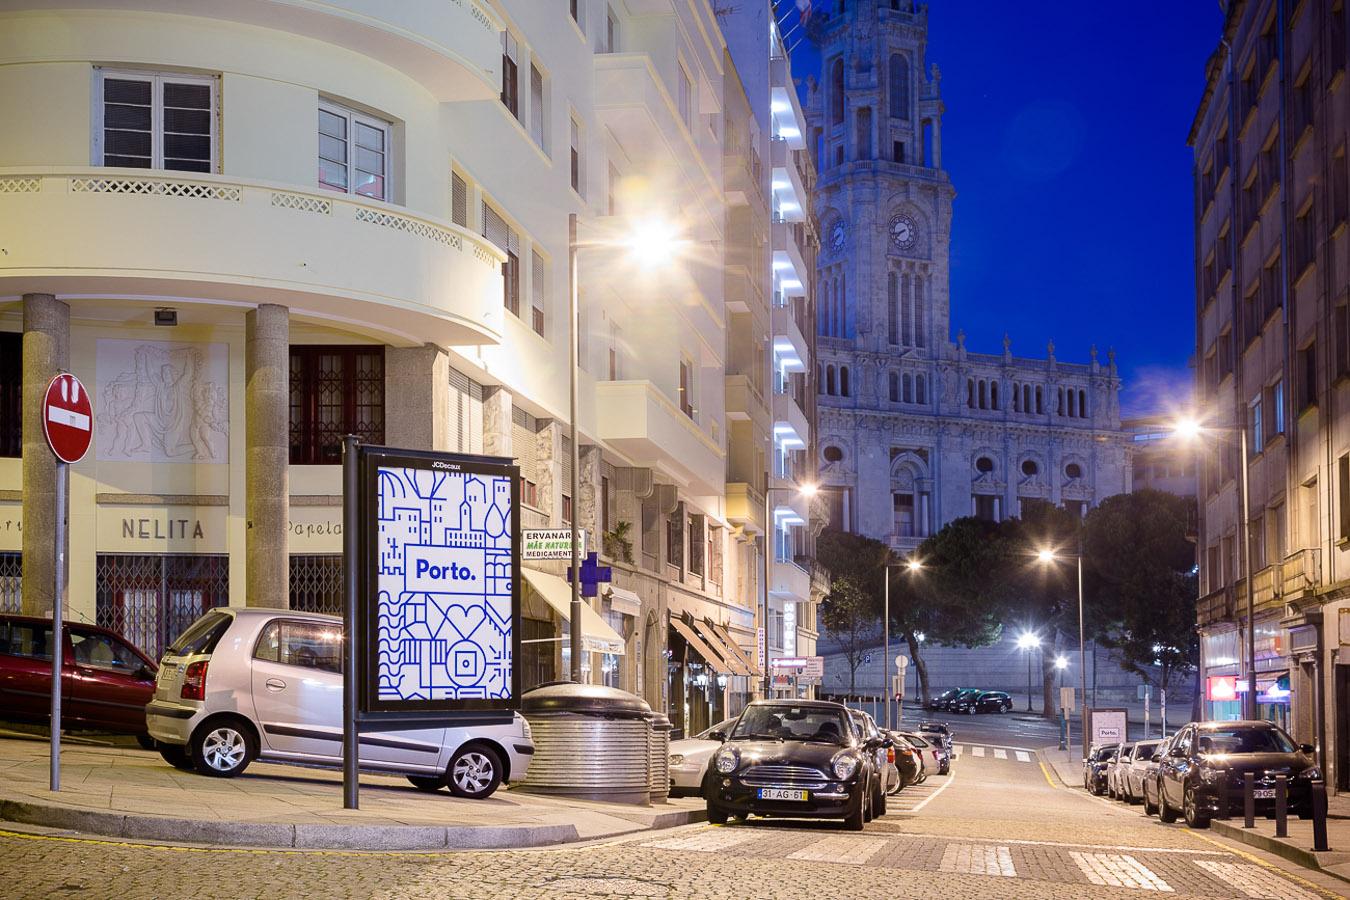 Nova identidade gráfica da cidade do Porto